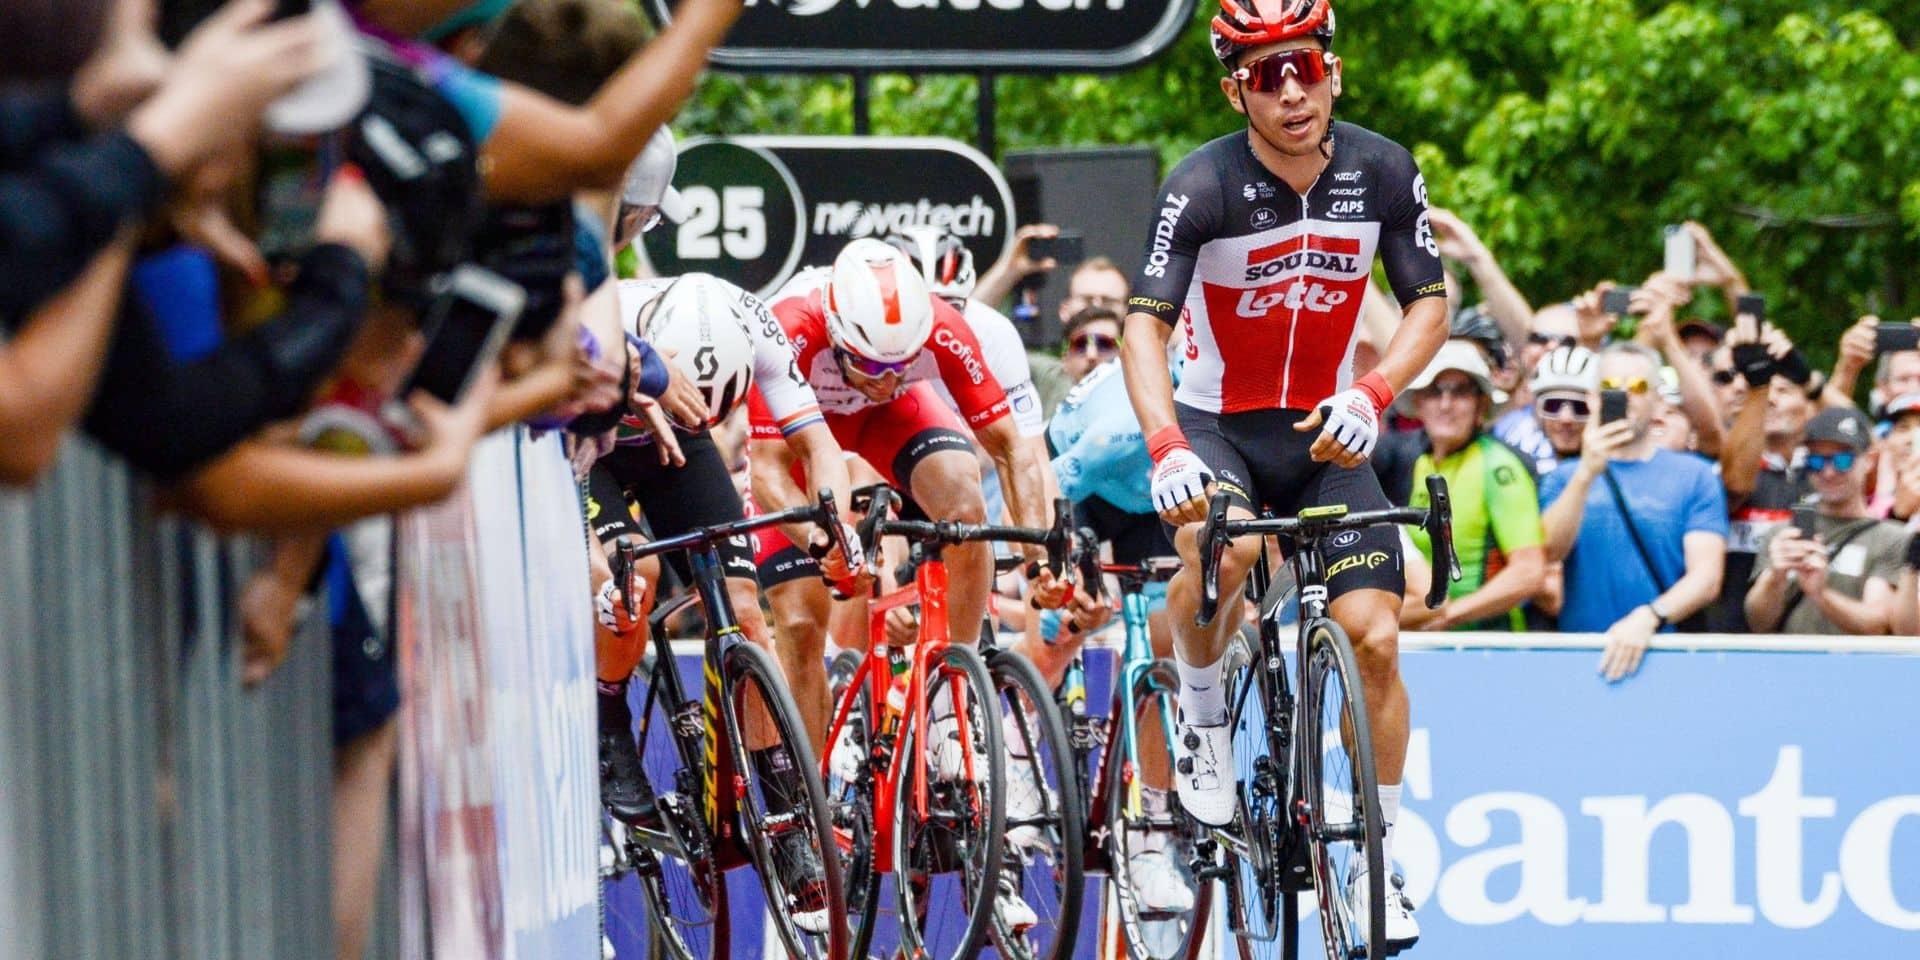 L'Australien Caleb Ewan (Lotto Soudal) remporte la seconde étape à domicile